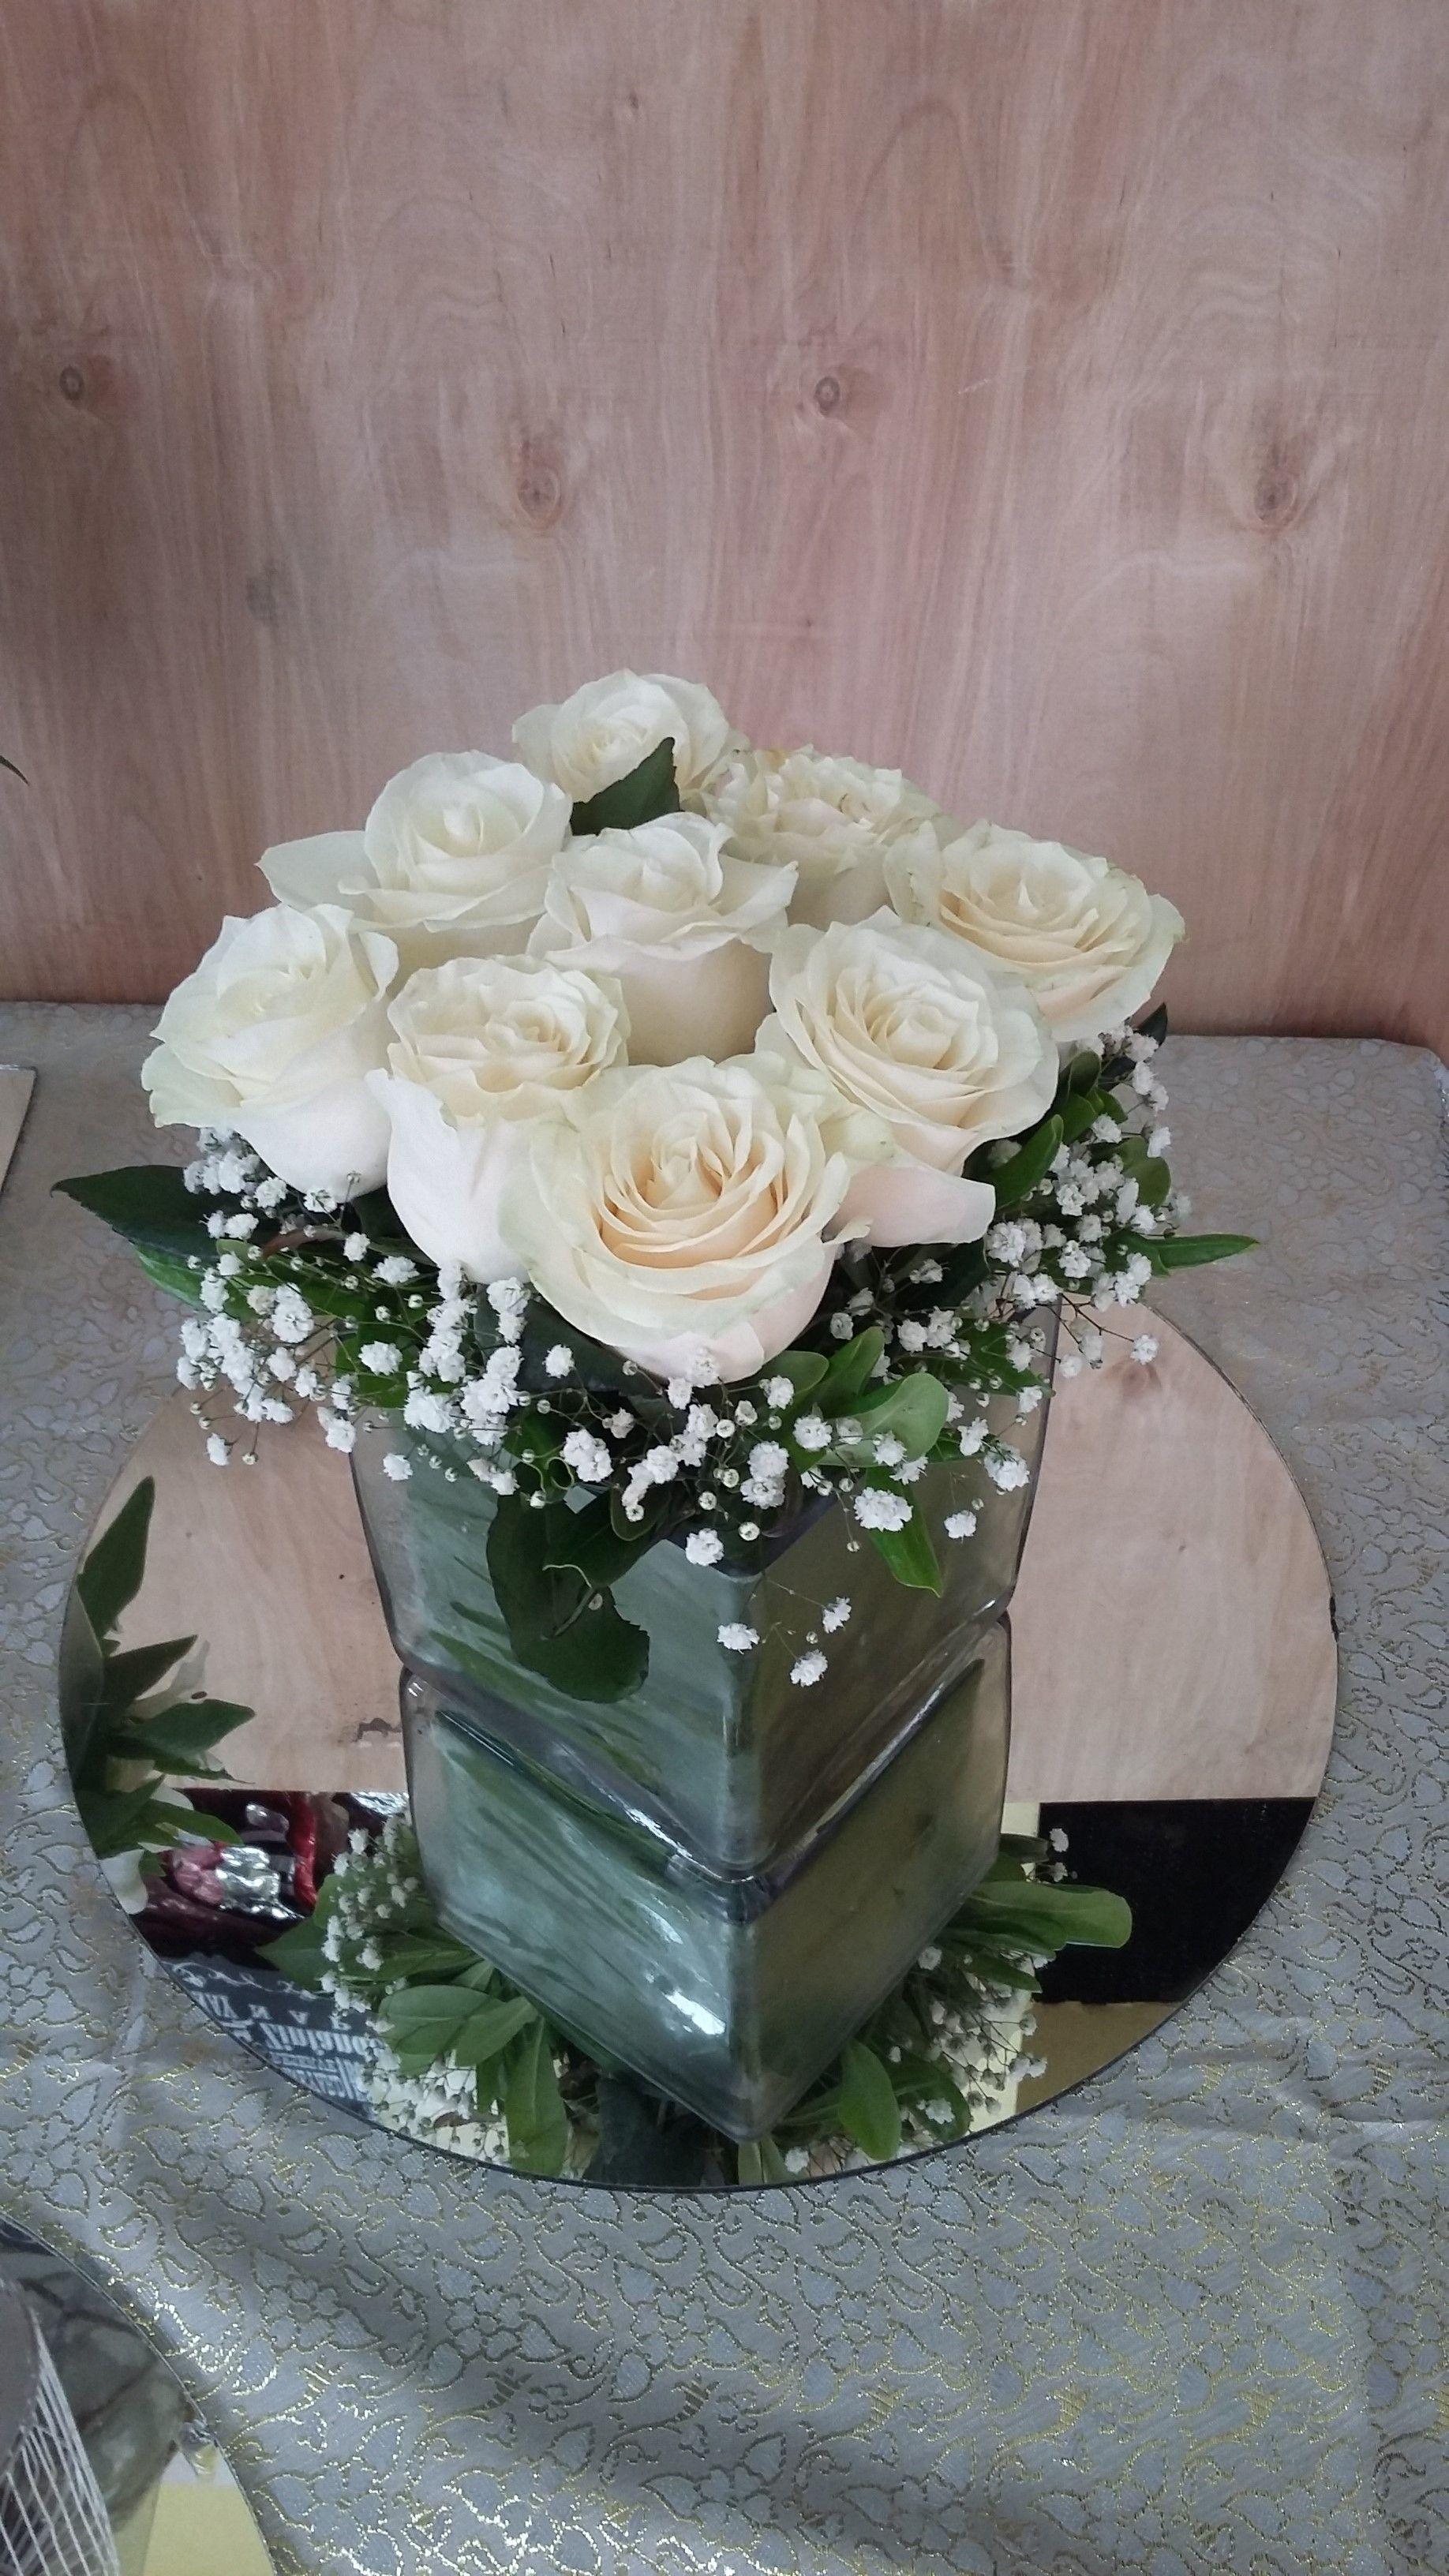 centro de mesa flores rosas blancas  Centros de mesa